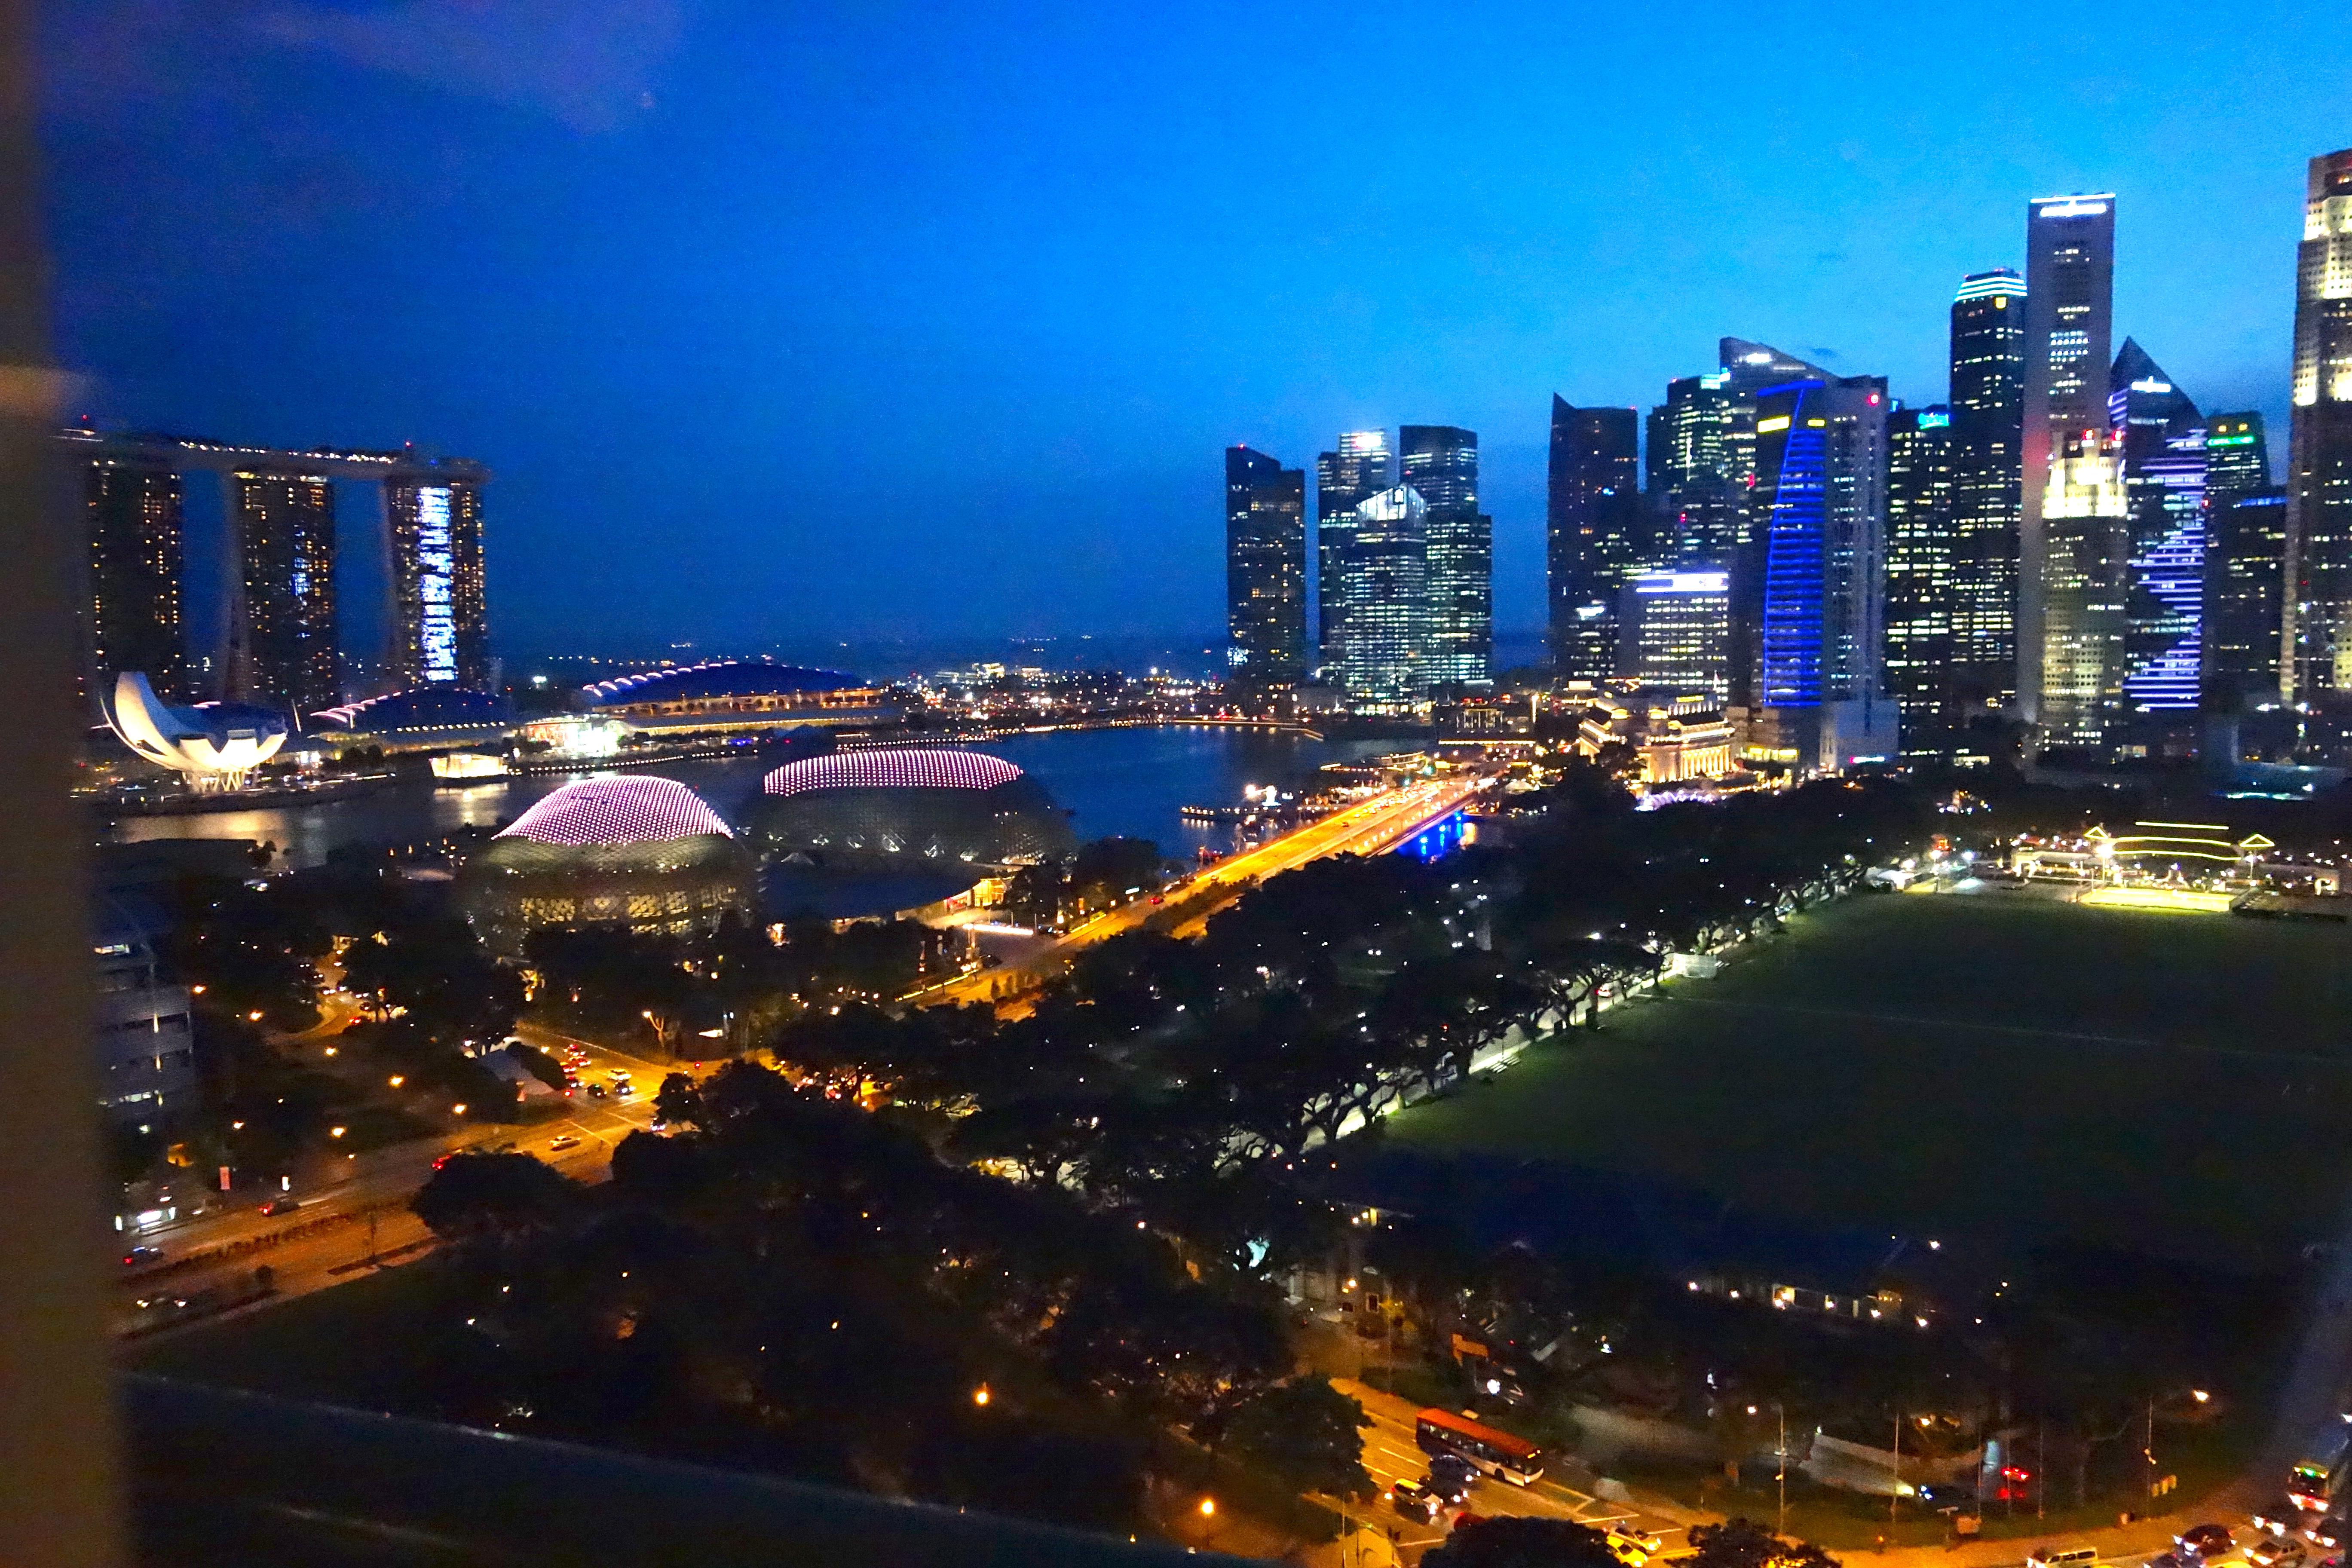 フェアモント・シンガポール Fairmont Singaporeの最後の紹介